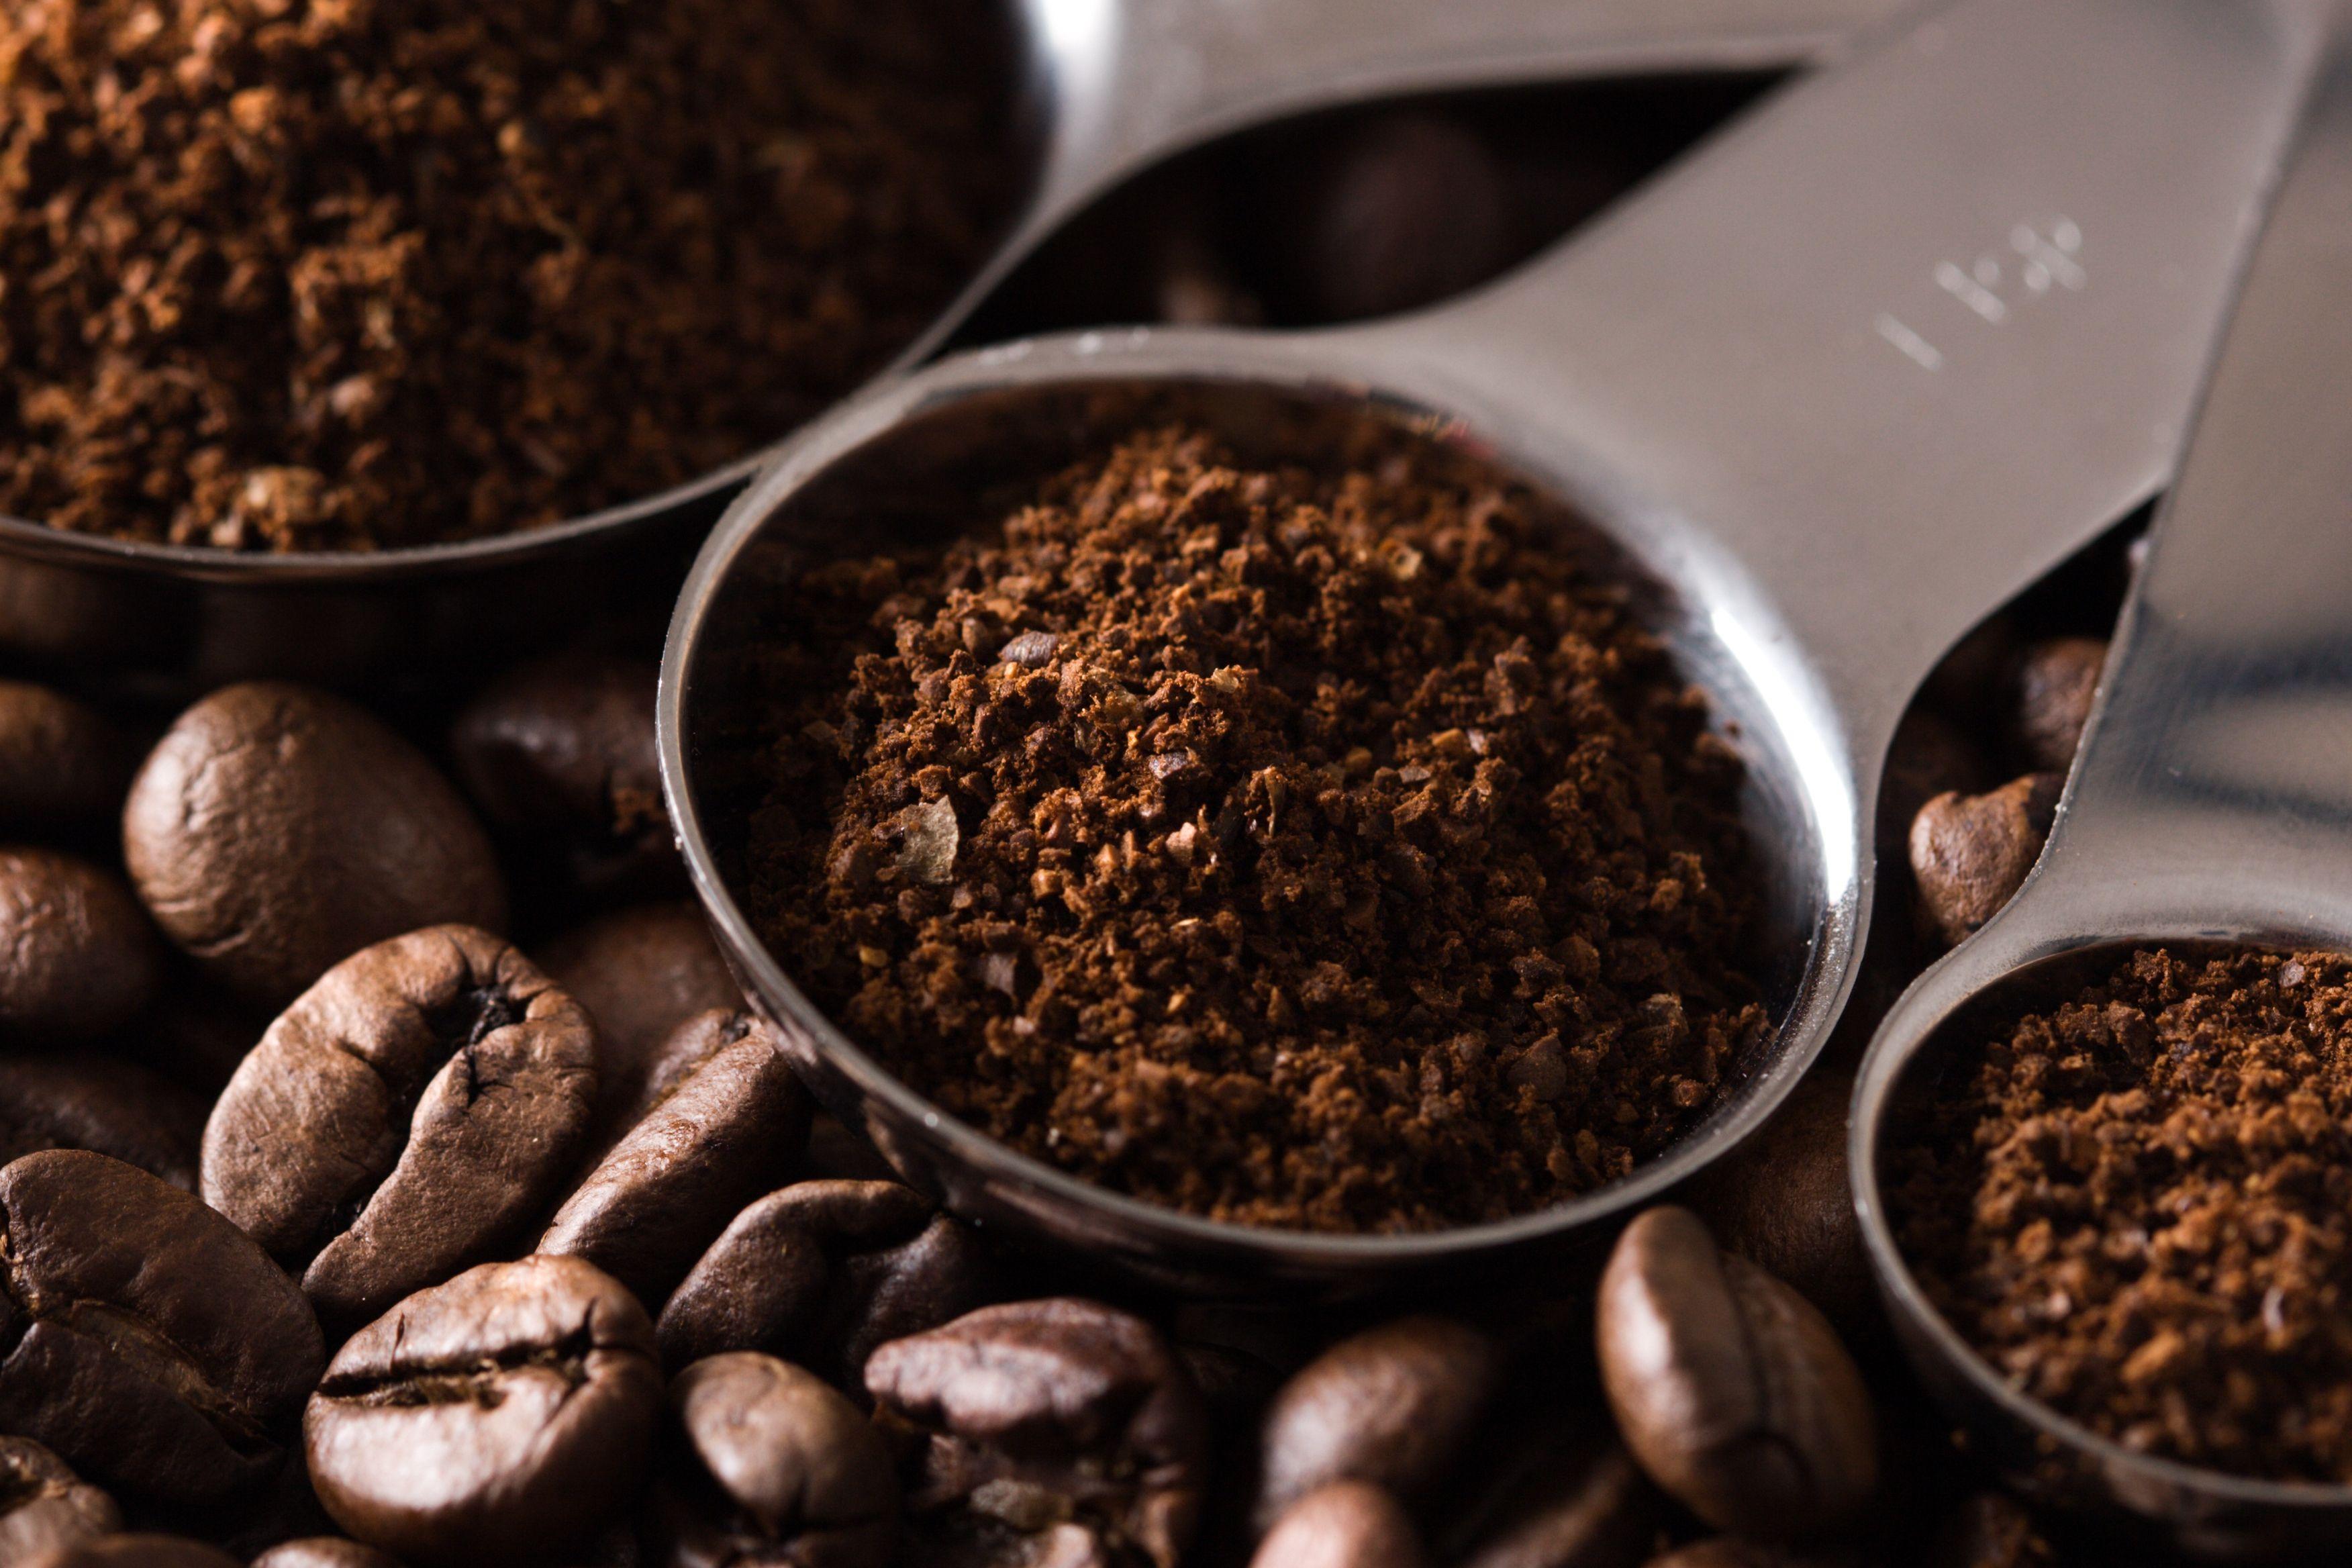 Licht Gebrande Koffiebonen : Kopje koffie dit moet je weten over alle soorten koffiebonen